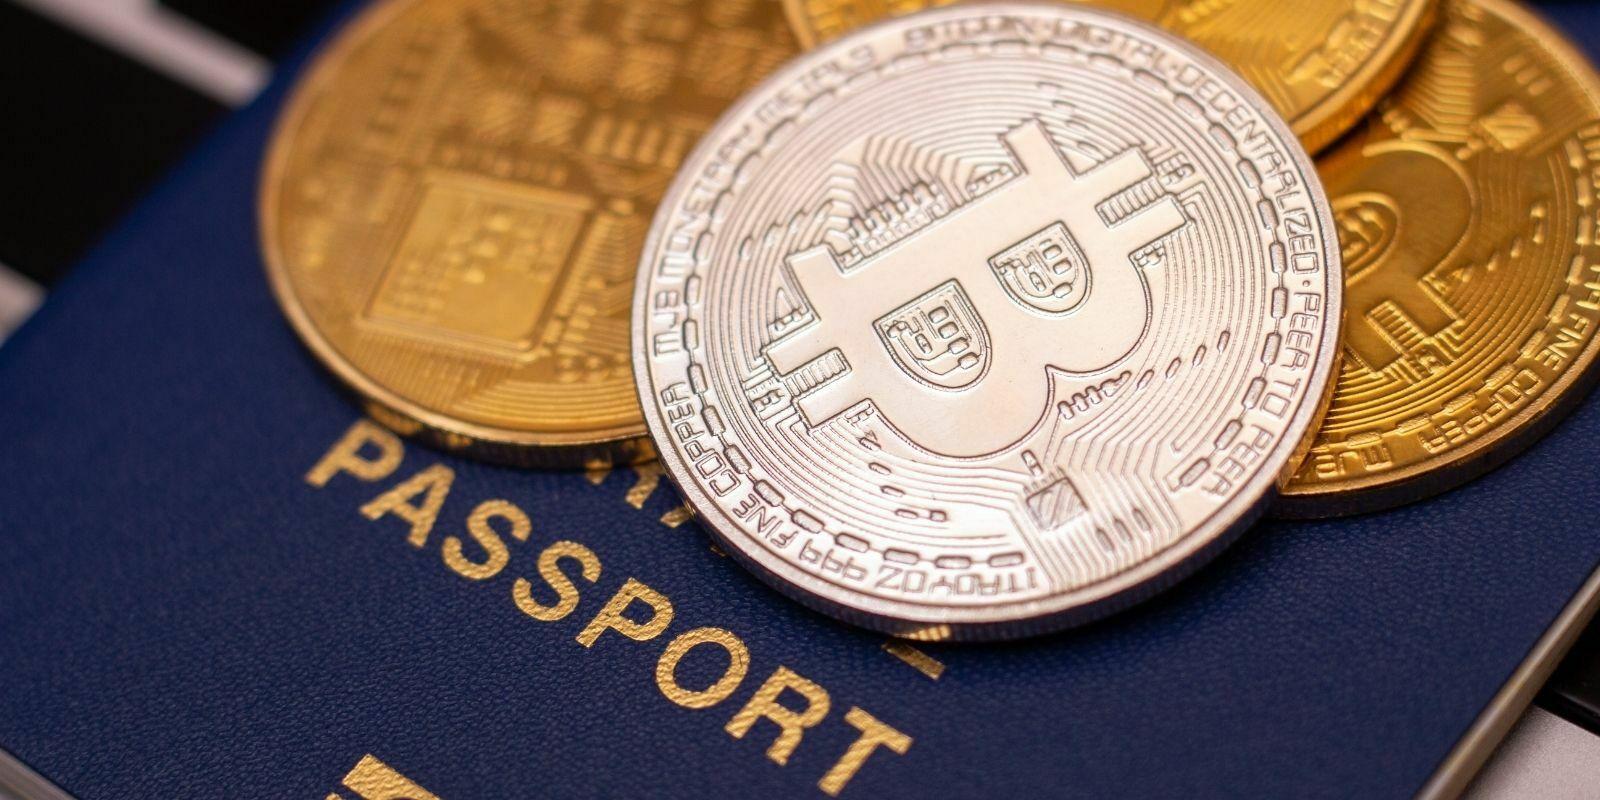 Les Américains peuvent désormais payer en Bitcoin (BTC) pour renouveler leurs passeports